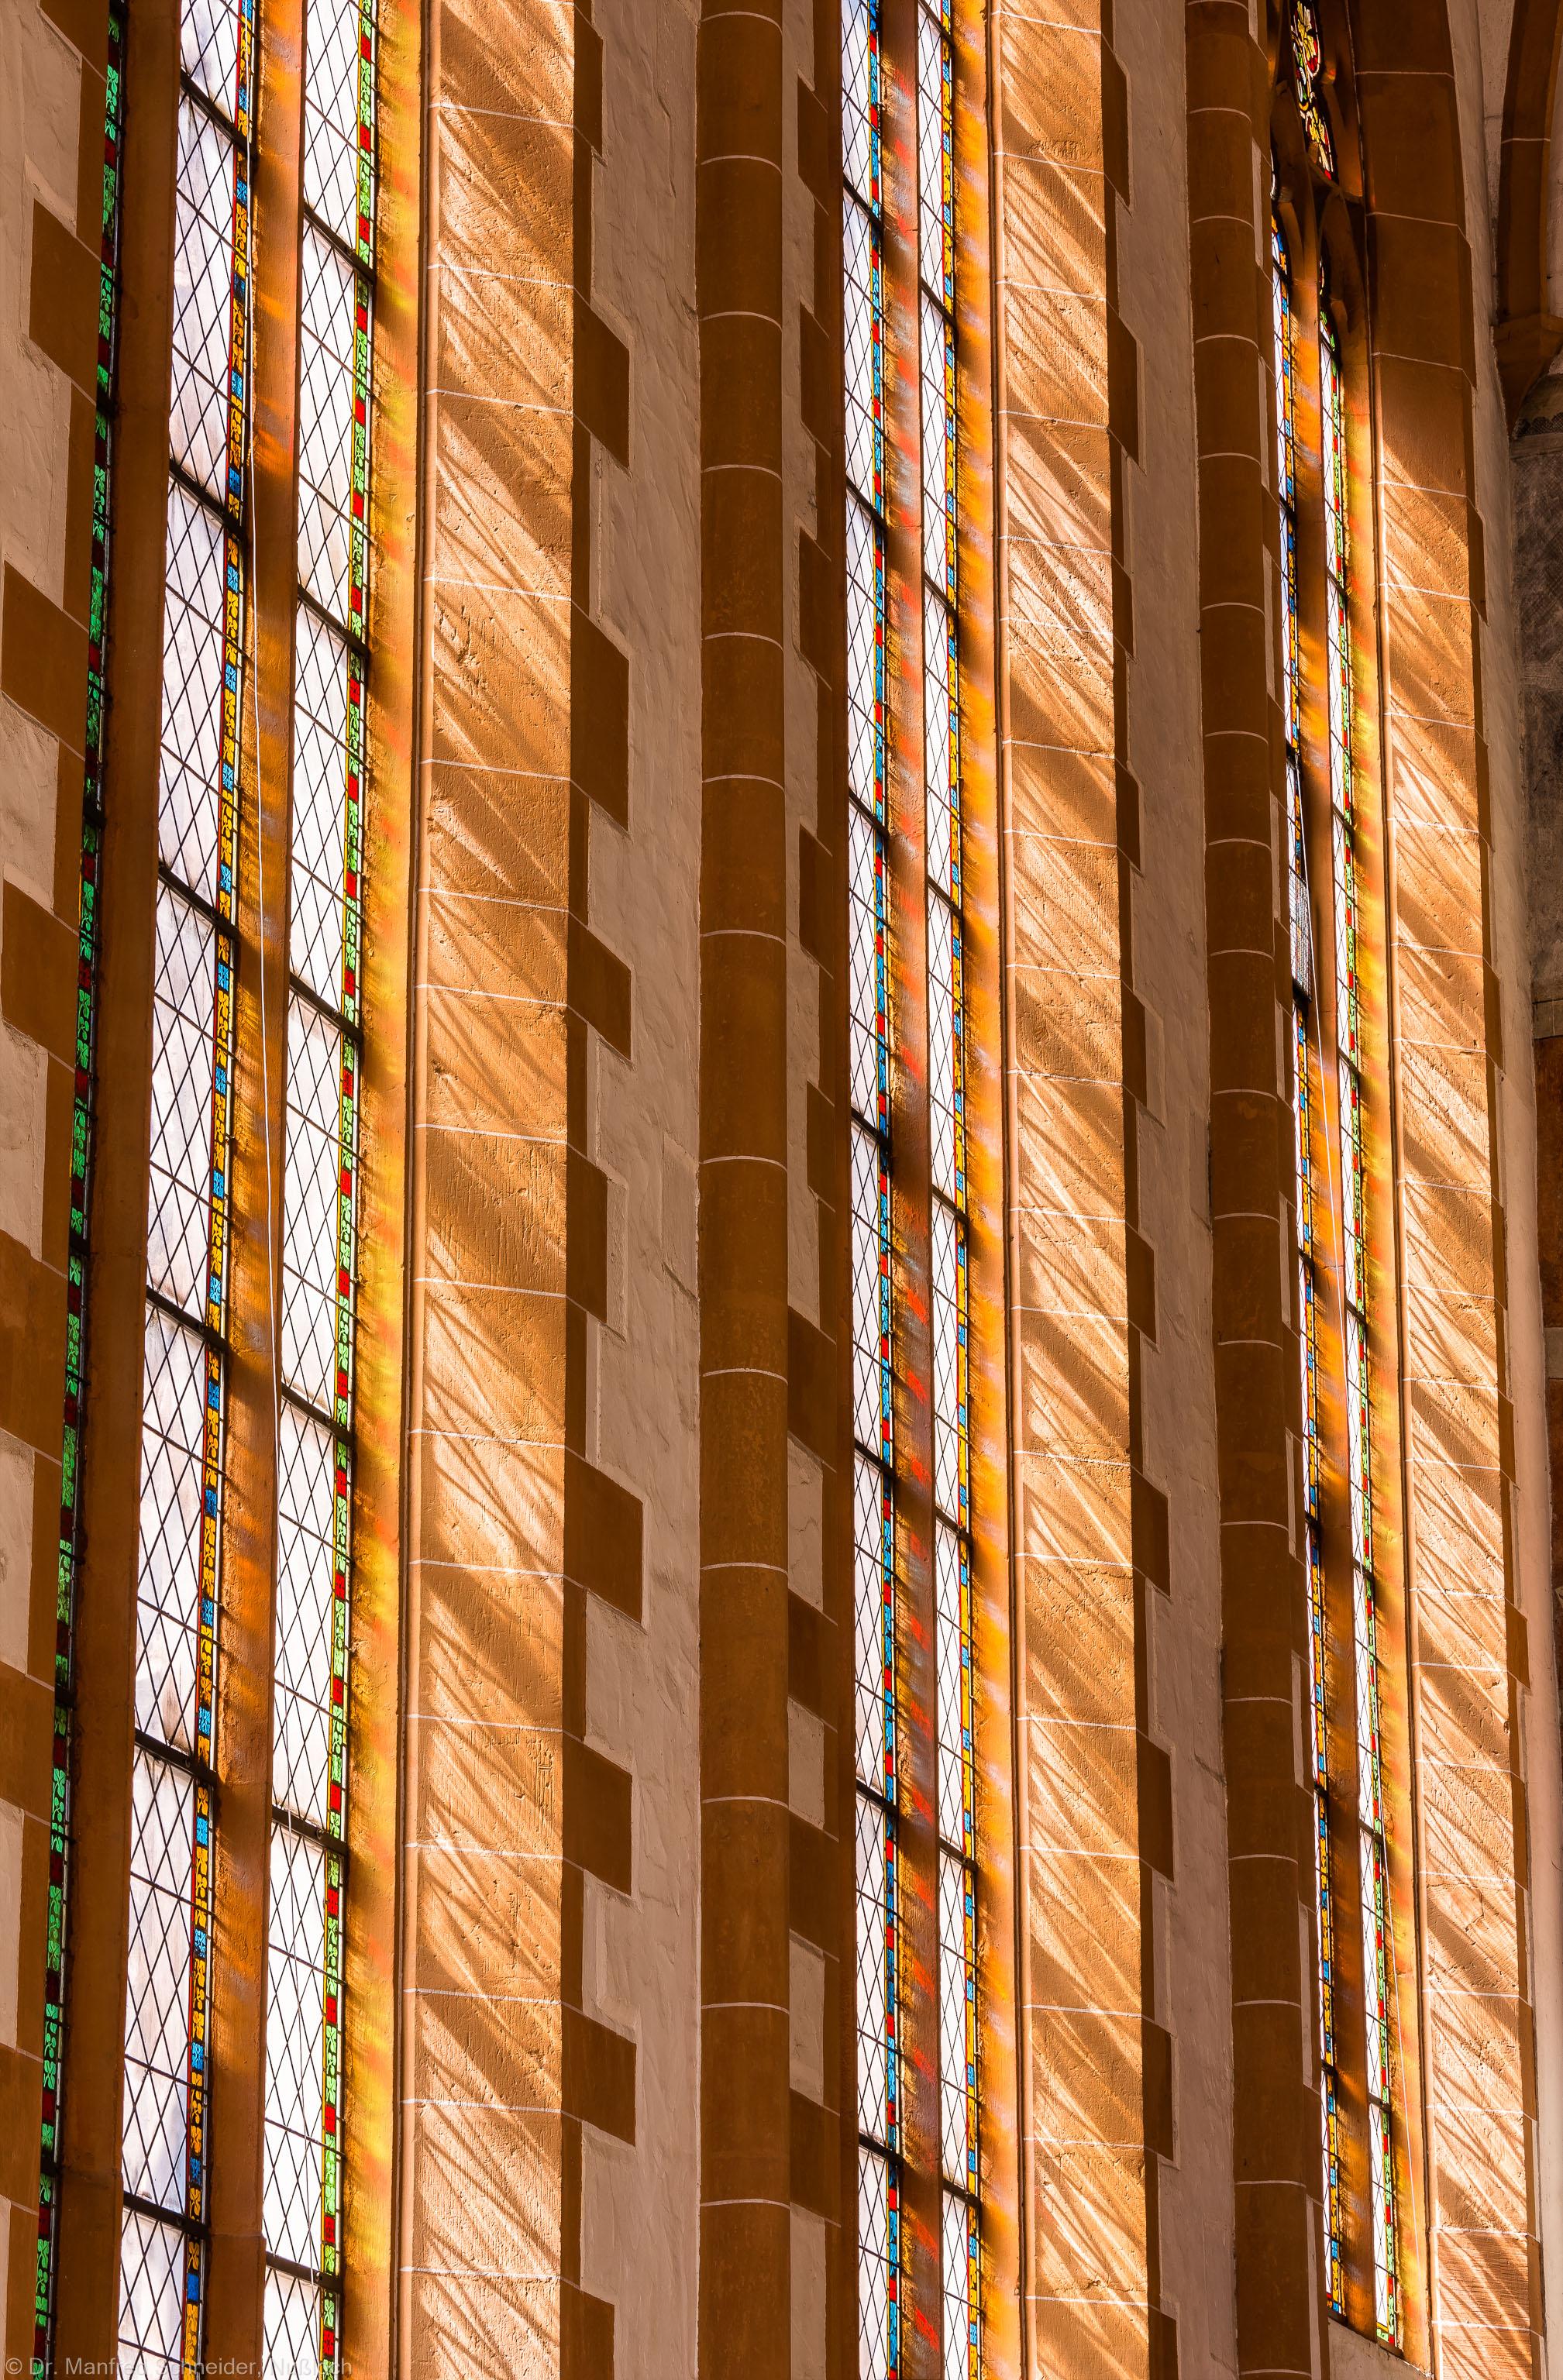 Heidelberg - Heiliggeistkirche - Chor - Blick von unten auf die südlichen Chorfenster im Morgenlicht, auf der Ostseite stehend (aufgenommen im April 2015, am späten Vormittag)